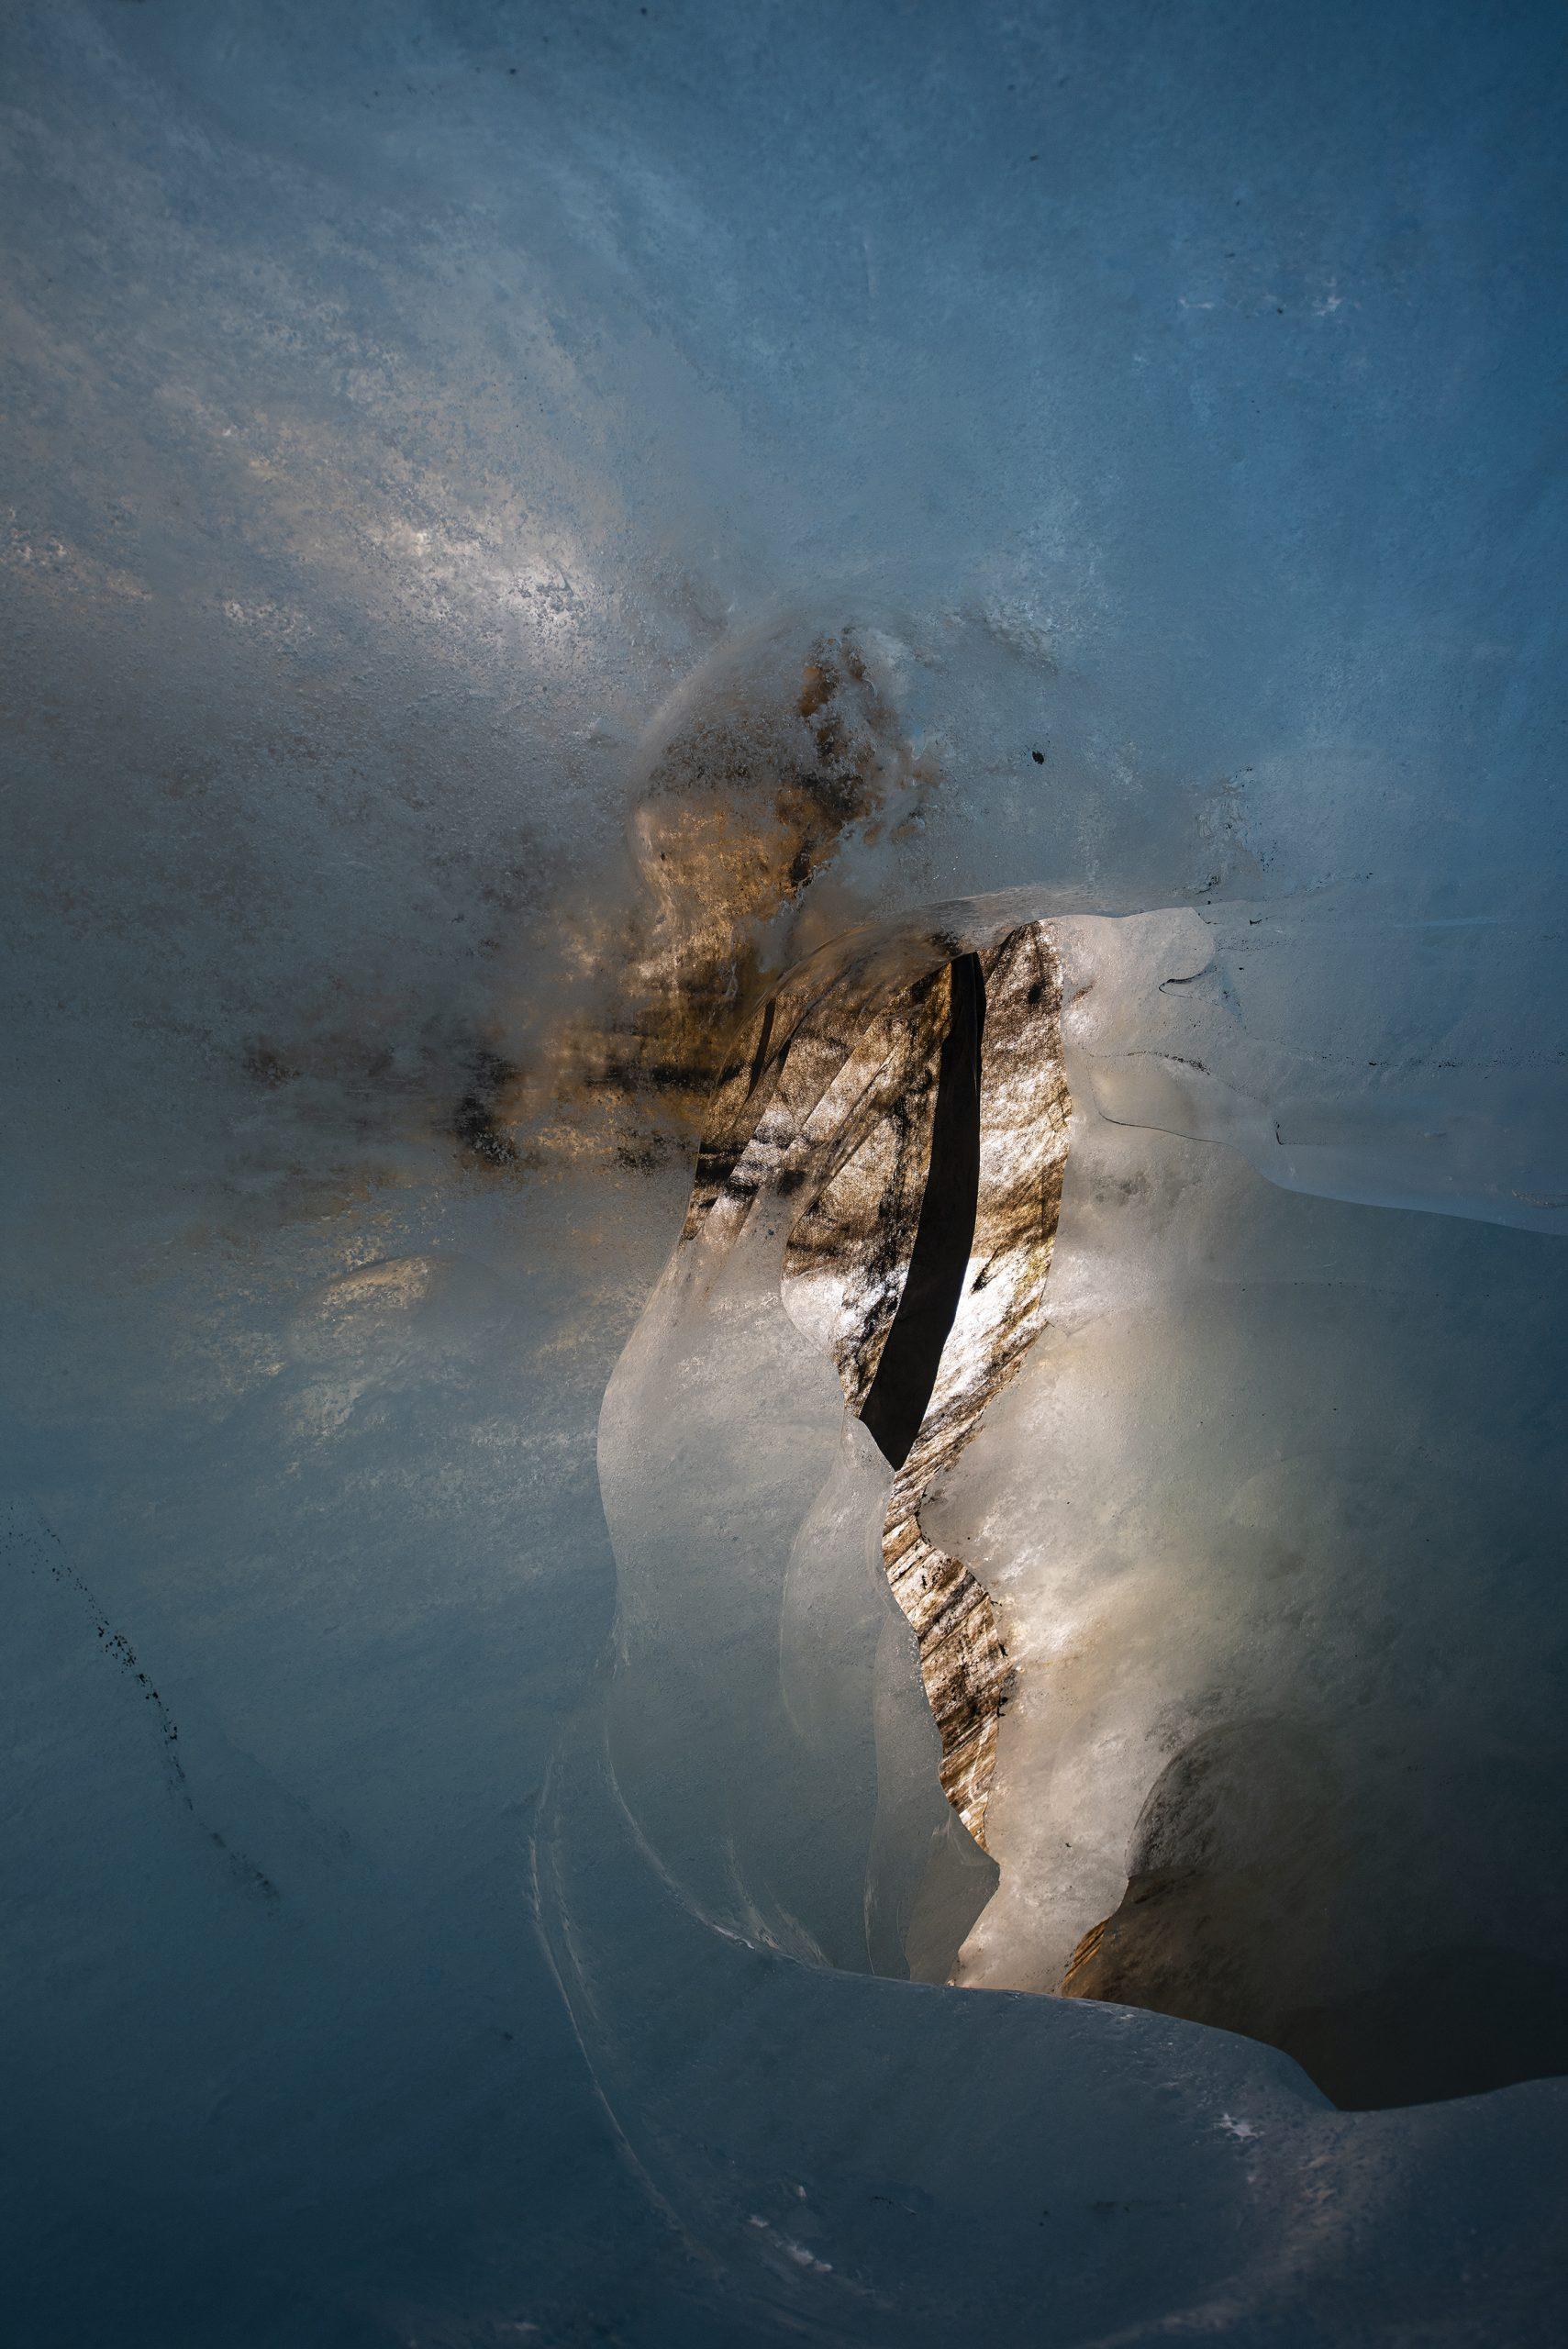 Claudio Orlandi Ultimate Landscapes- Giorgio Bertozzi Neoartgallery